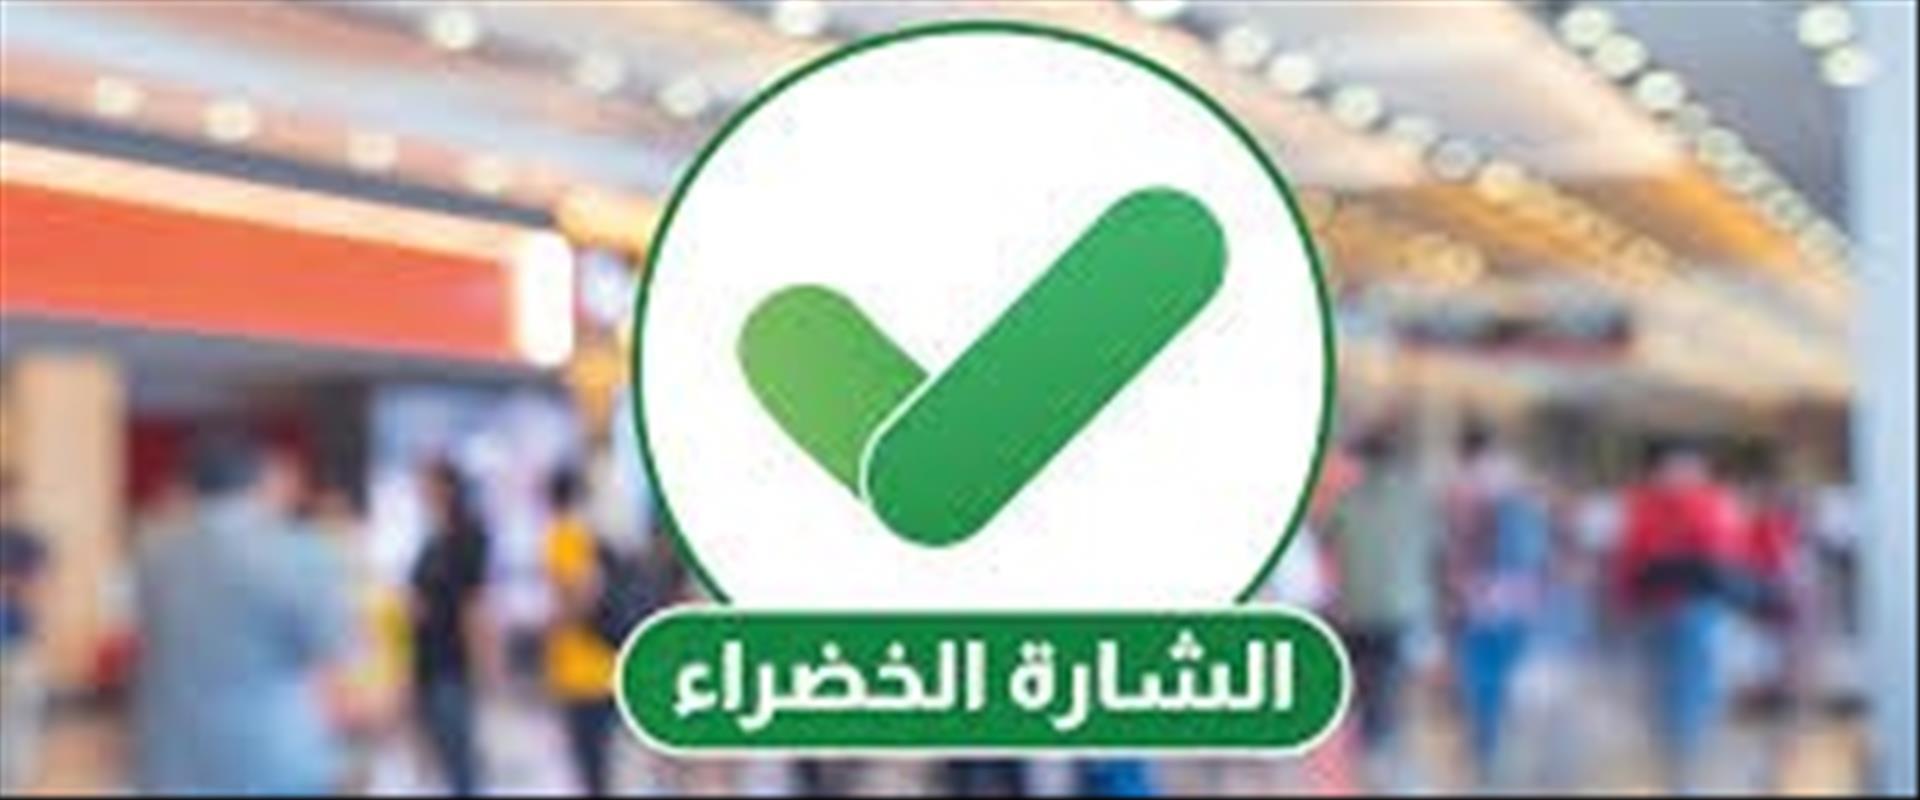 الشارة الخضراء